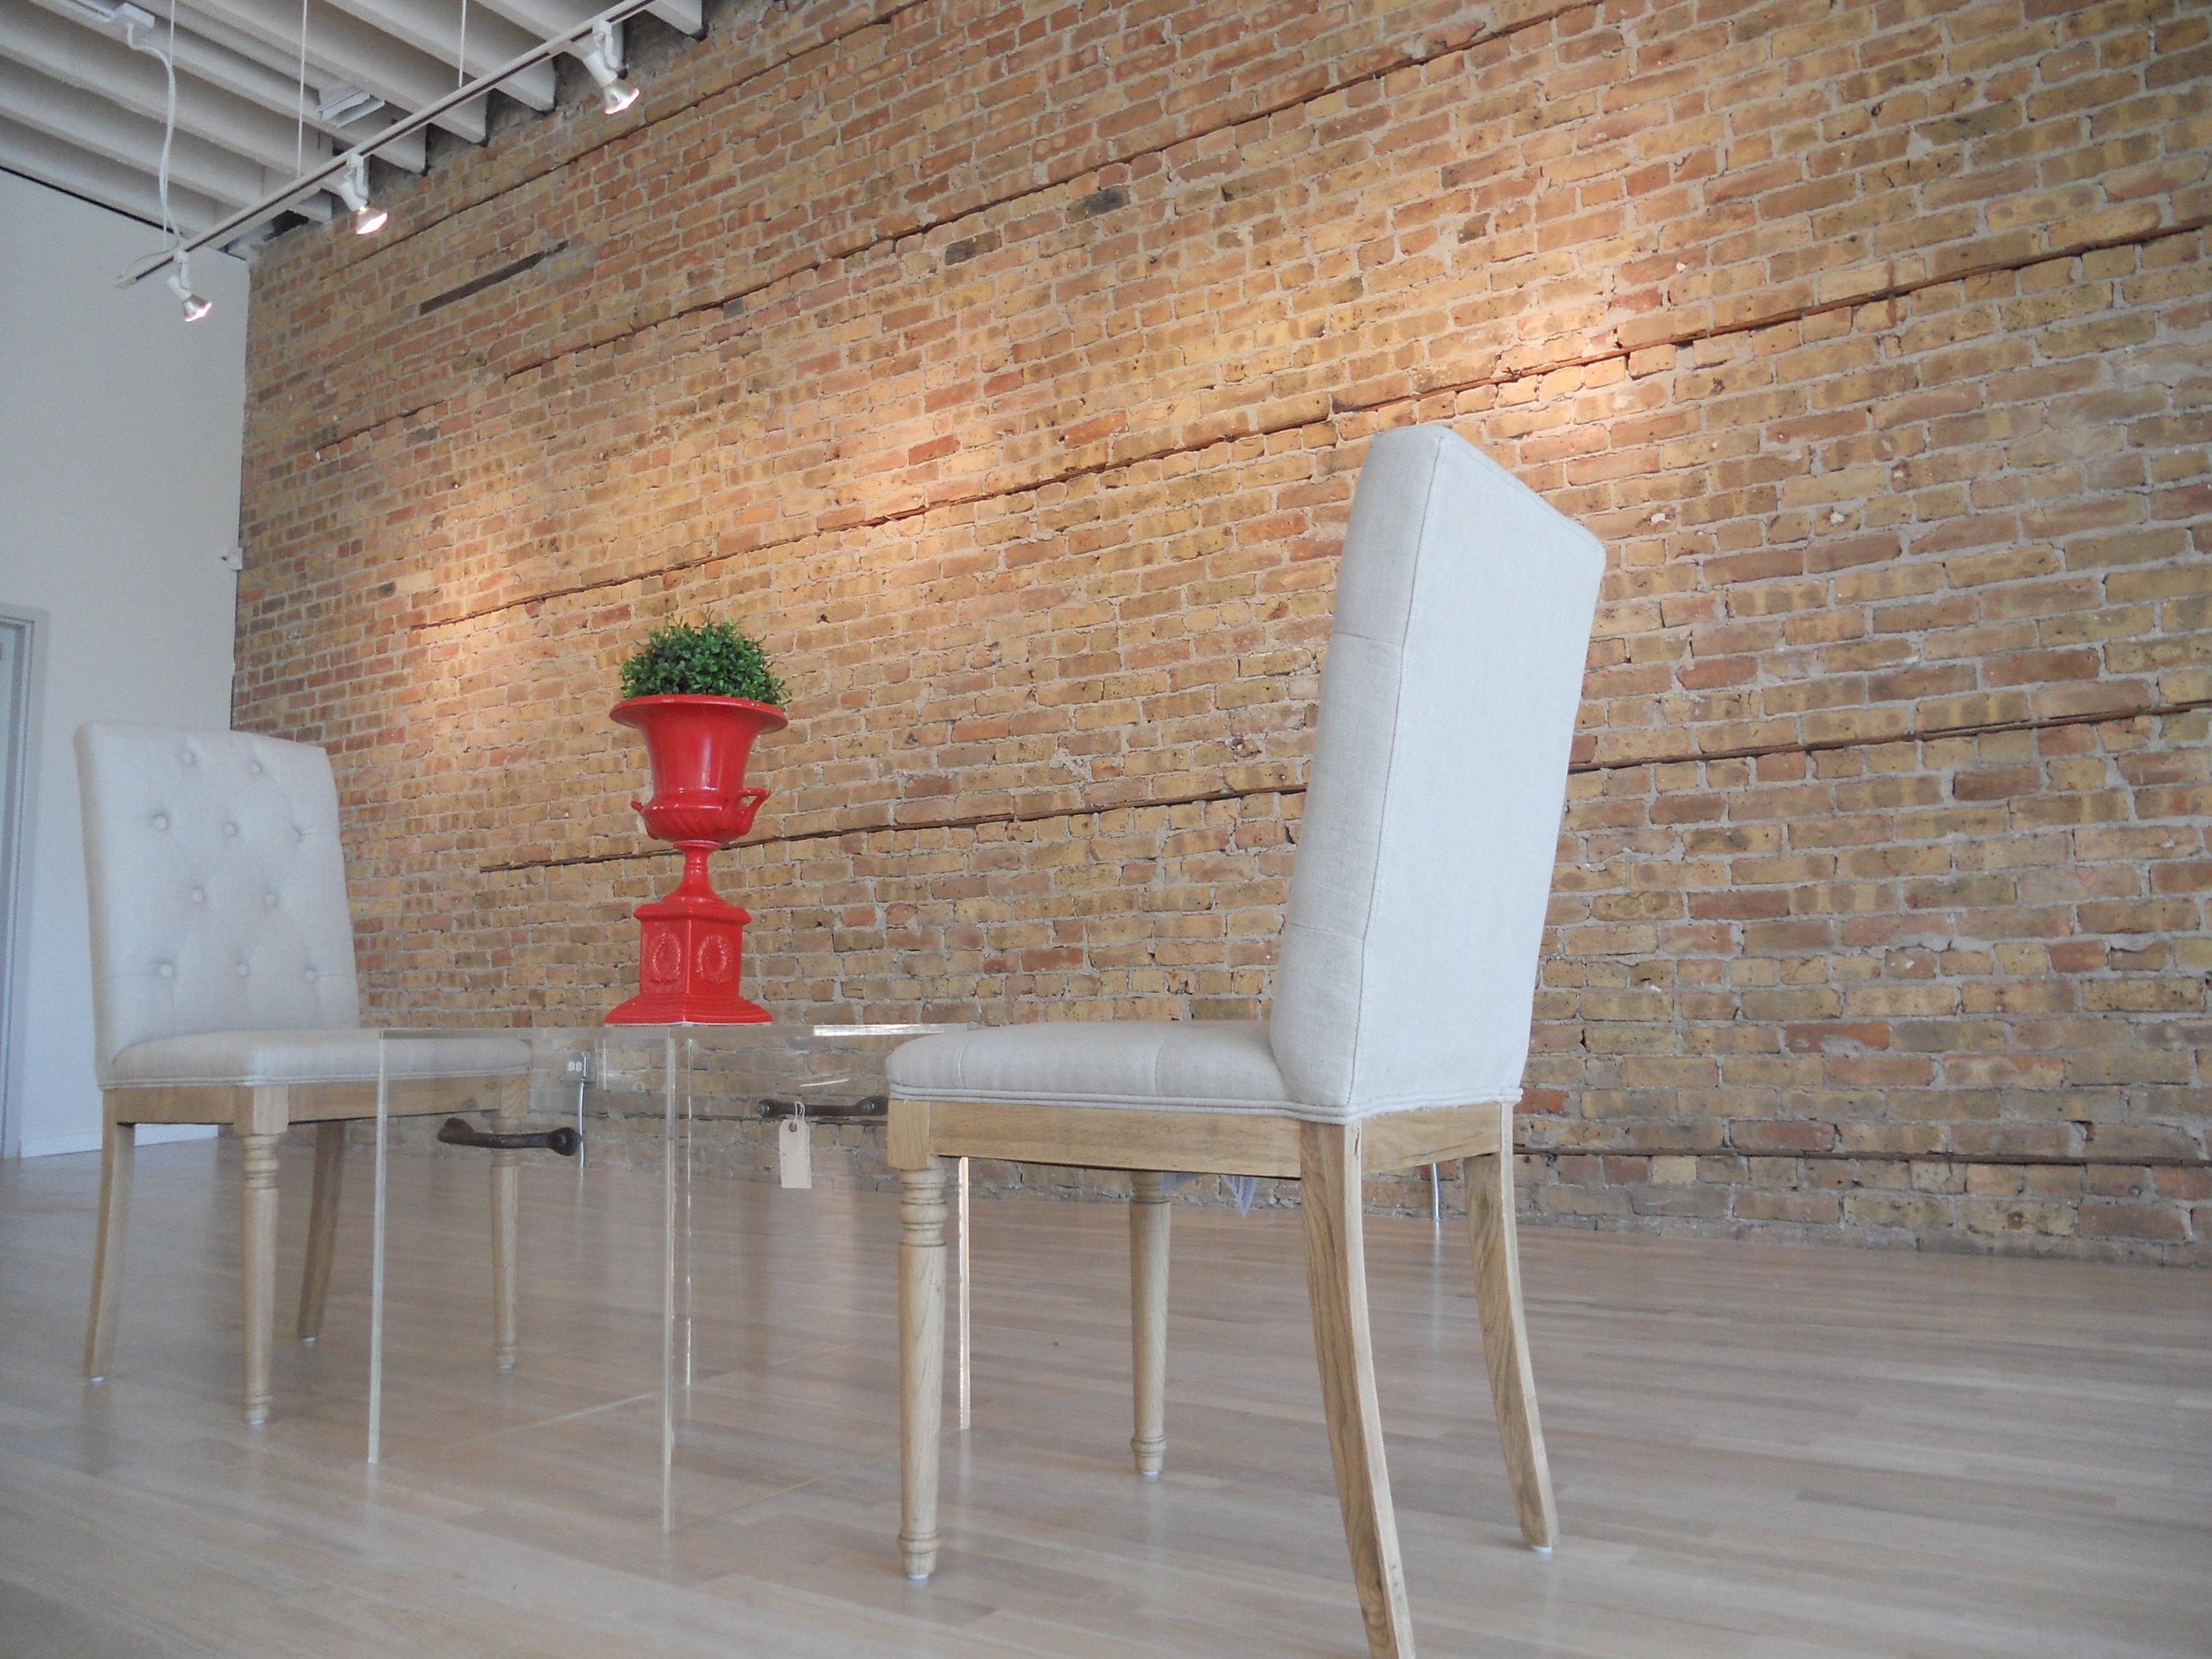 gallery interior 5.jpg